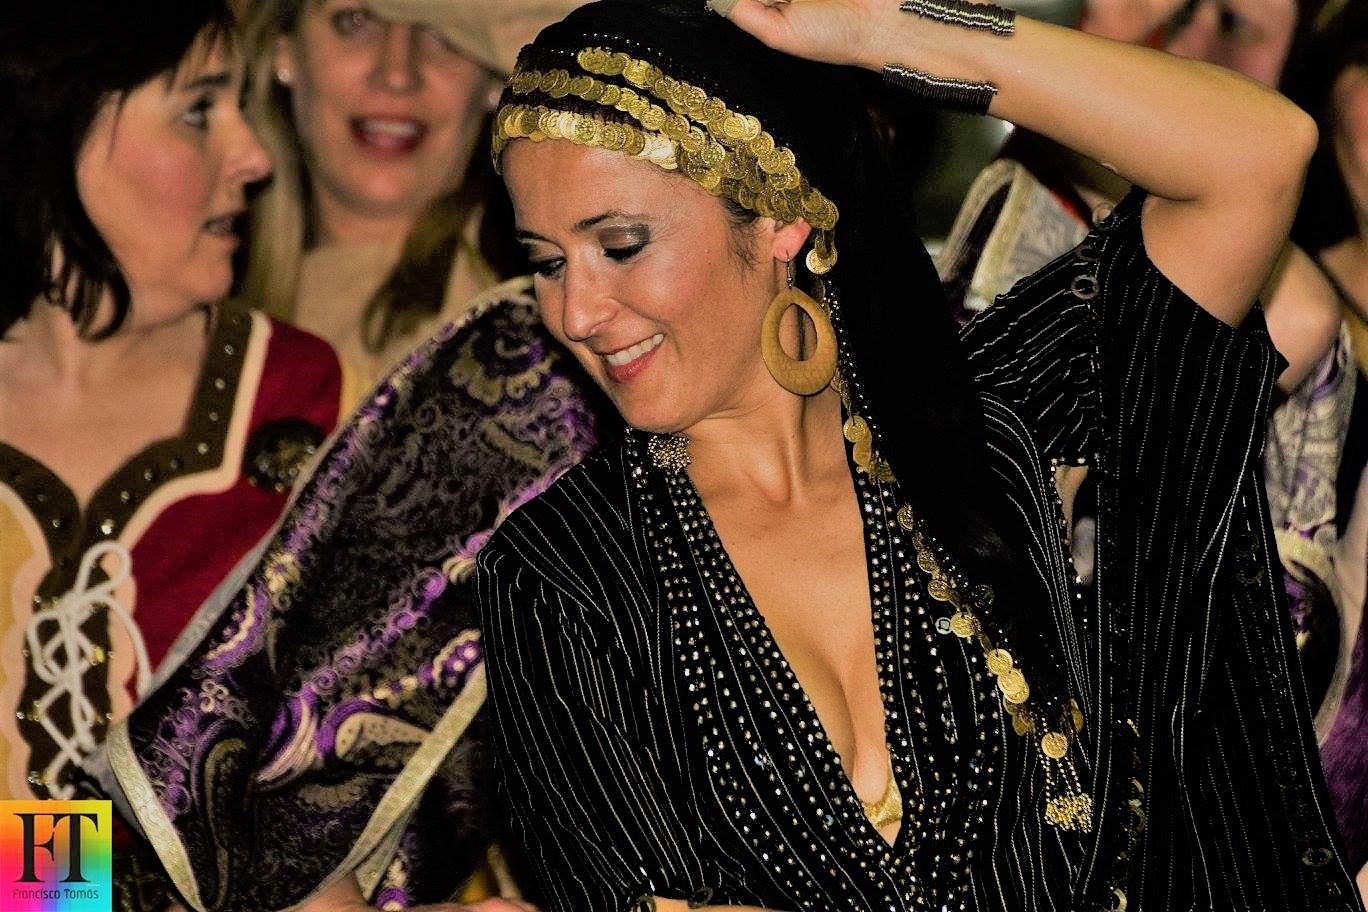 Danza Oriental en fiestas temáticas